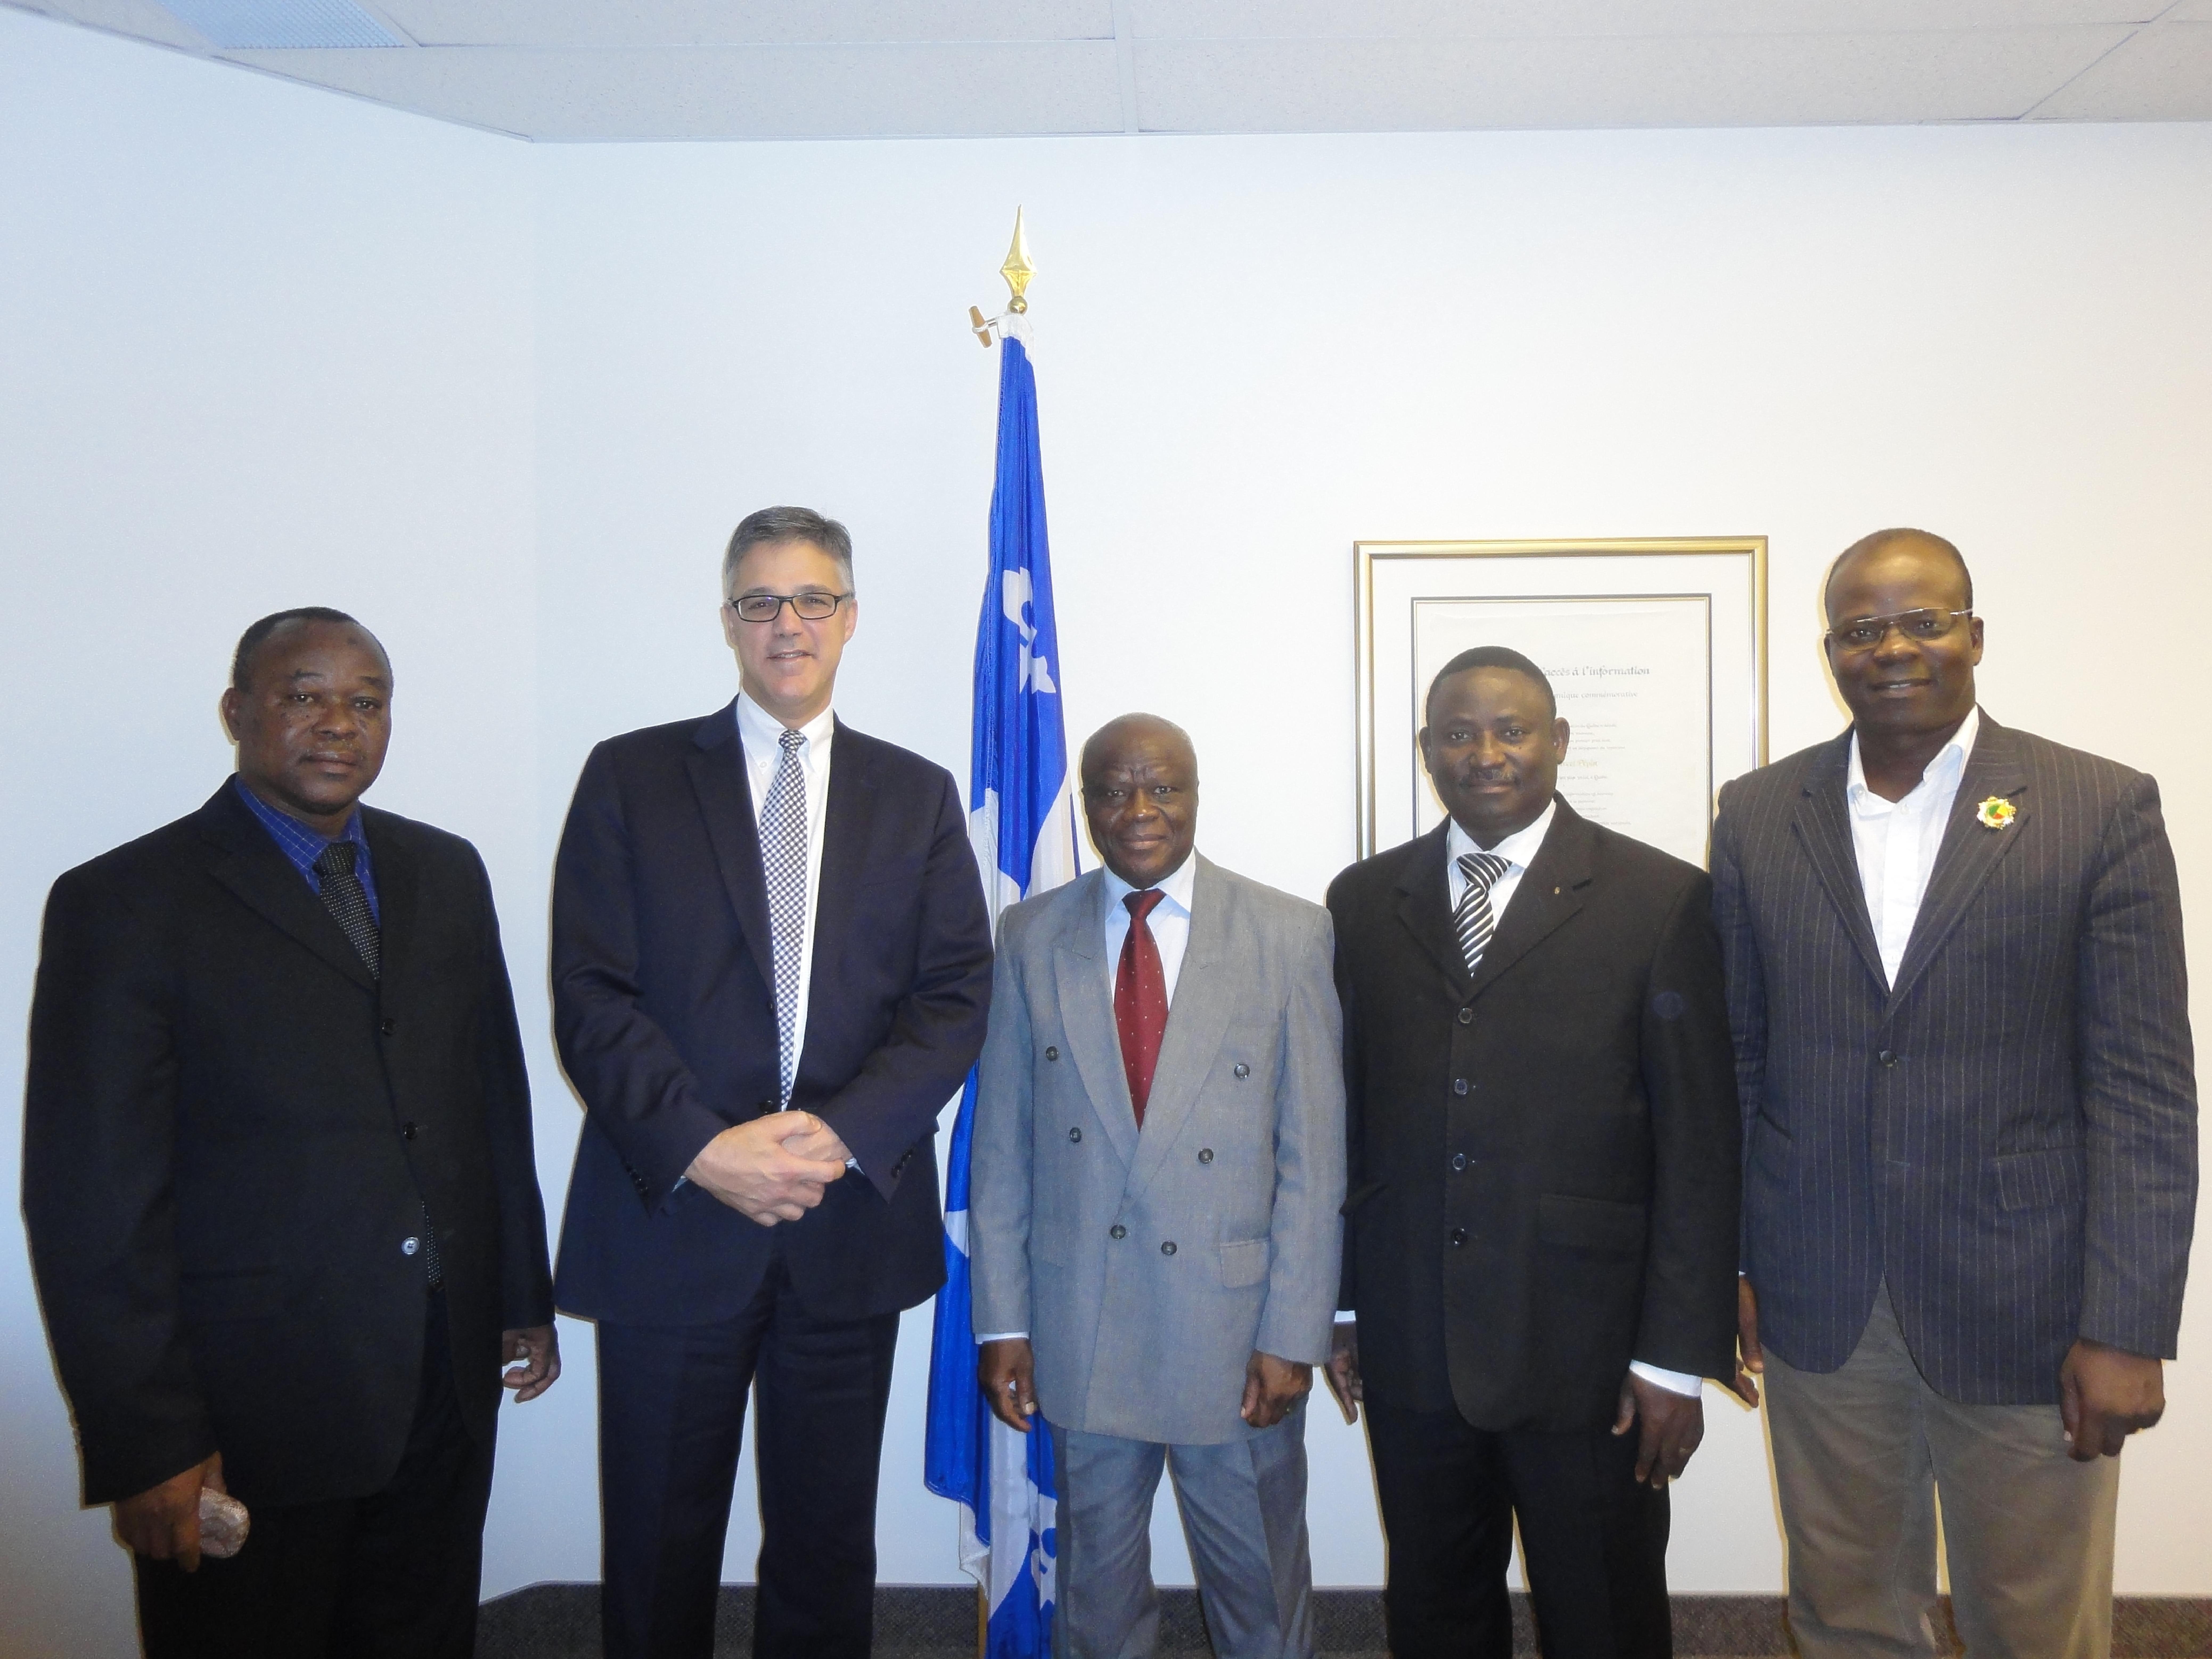 De gauche à droite : M. Adjibodou (CNIL Bénin), Me Chartier (Président de la CAI et de l'AFAPDP), M. Benon (Président de la CNIL Bénin), MM. Zossou et Akotégnon (CNIL Bénin)